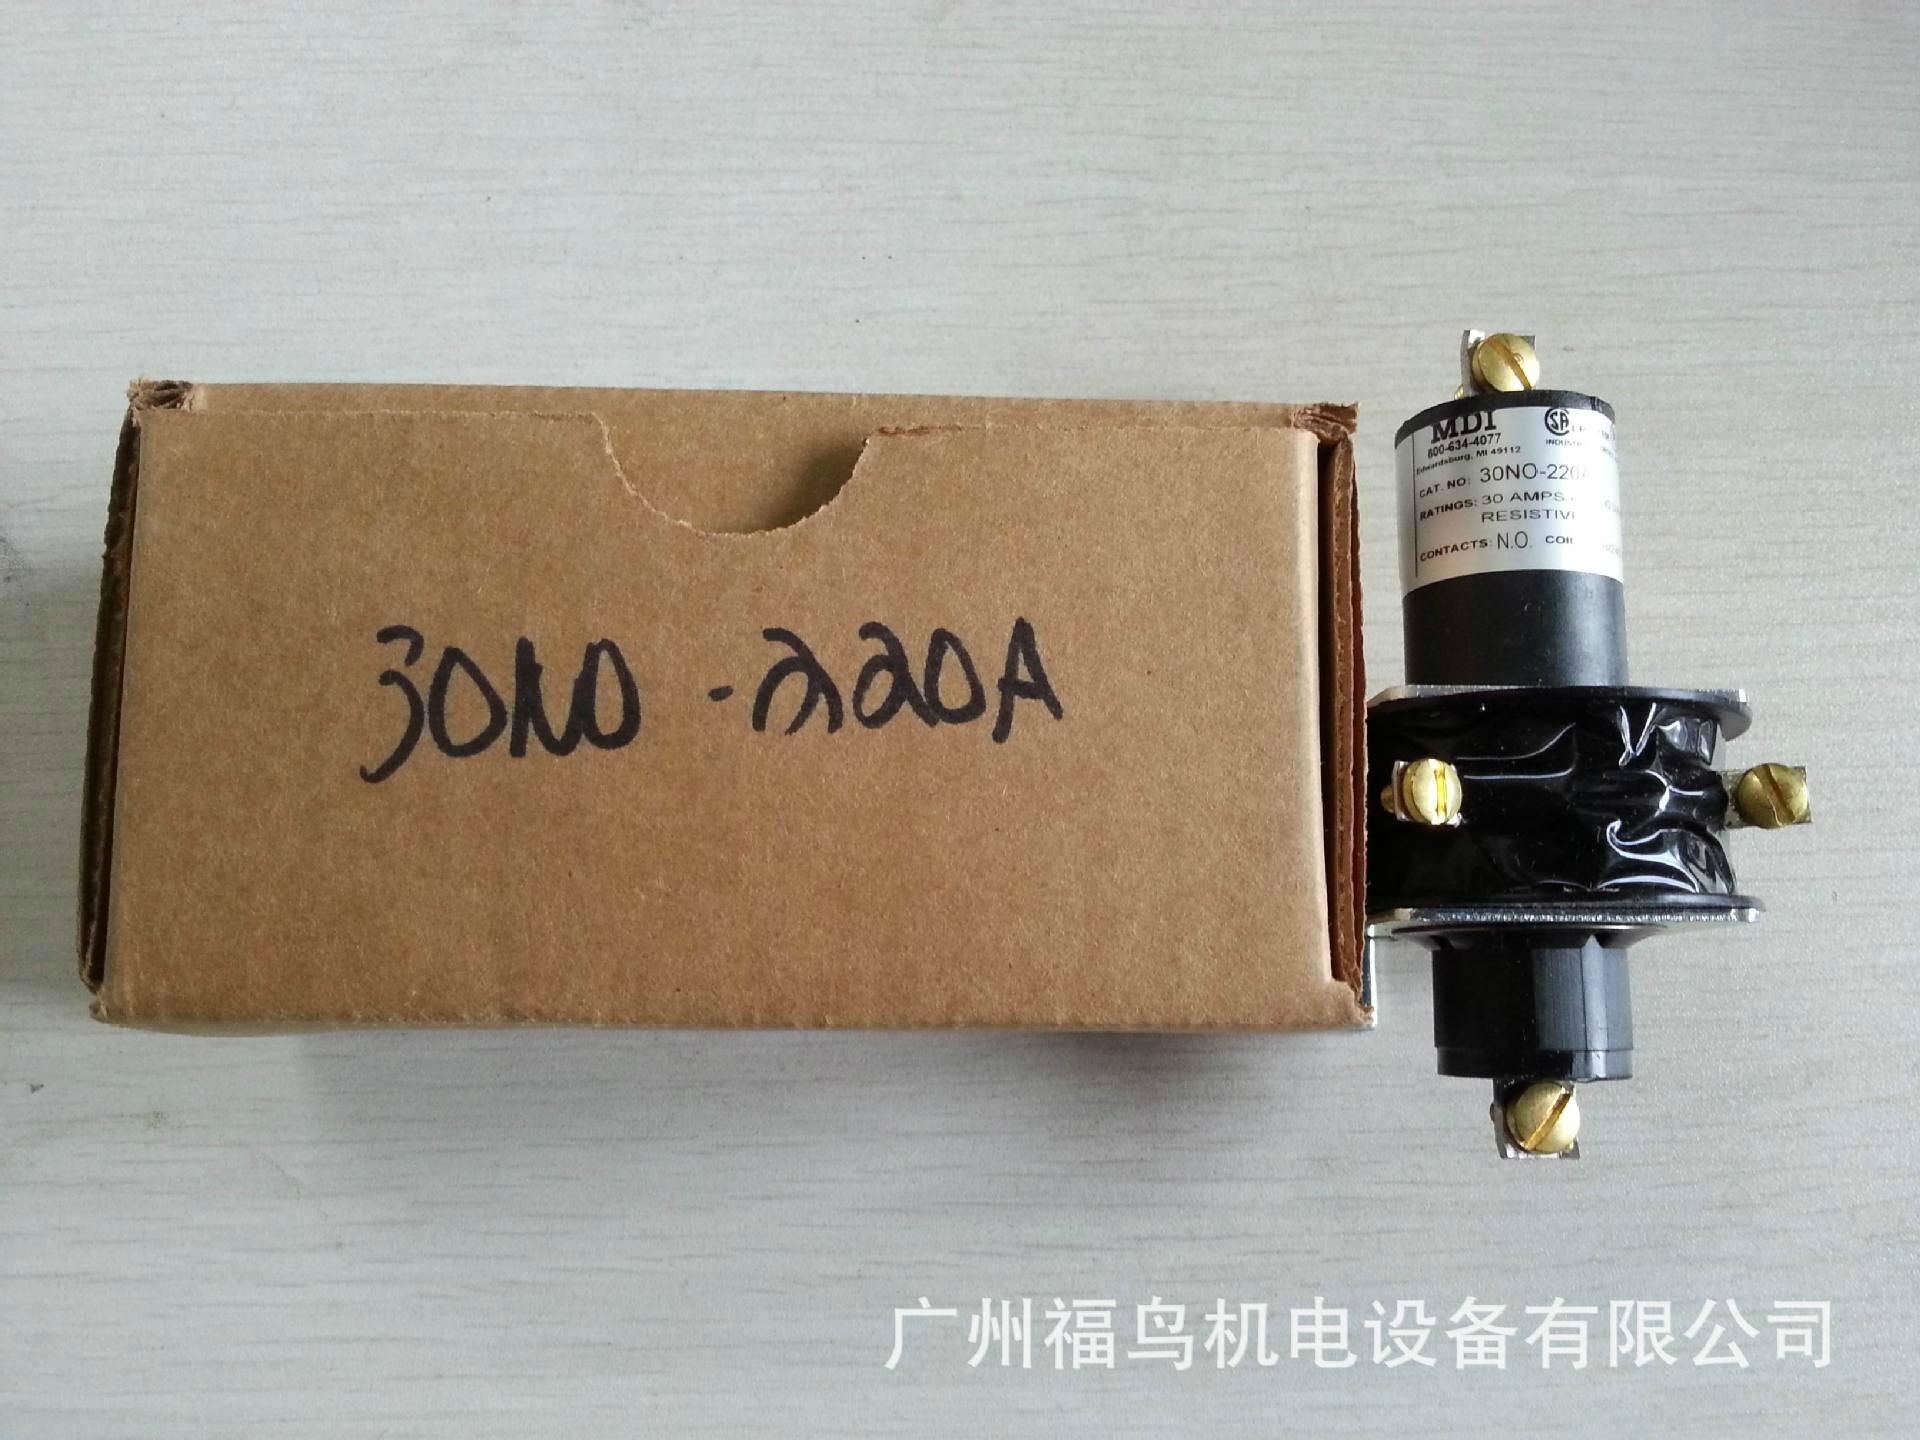 MDI水银接触器, 型号: 30NO-220A